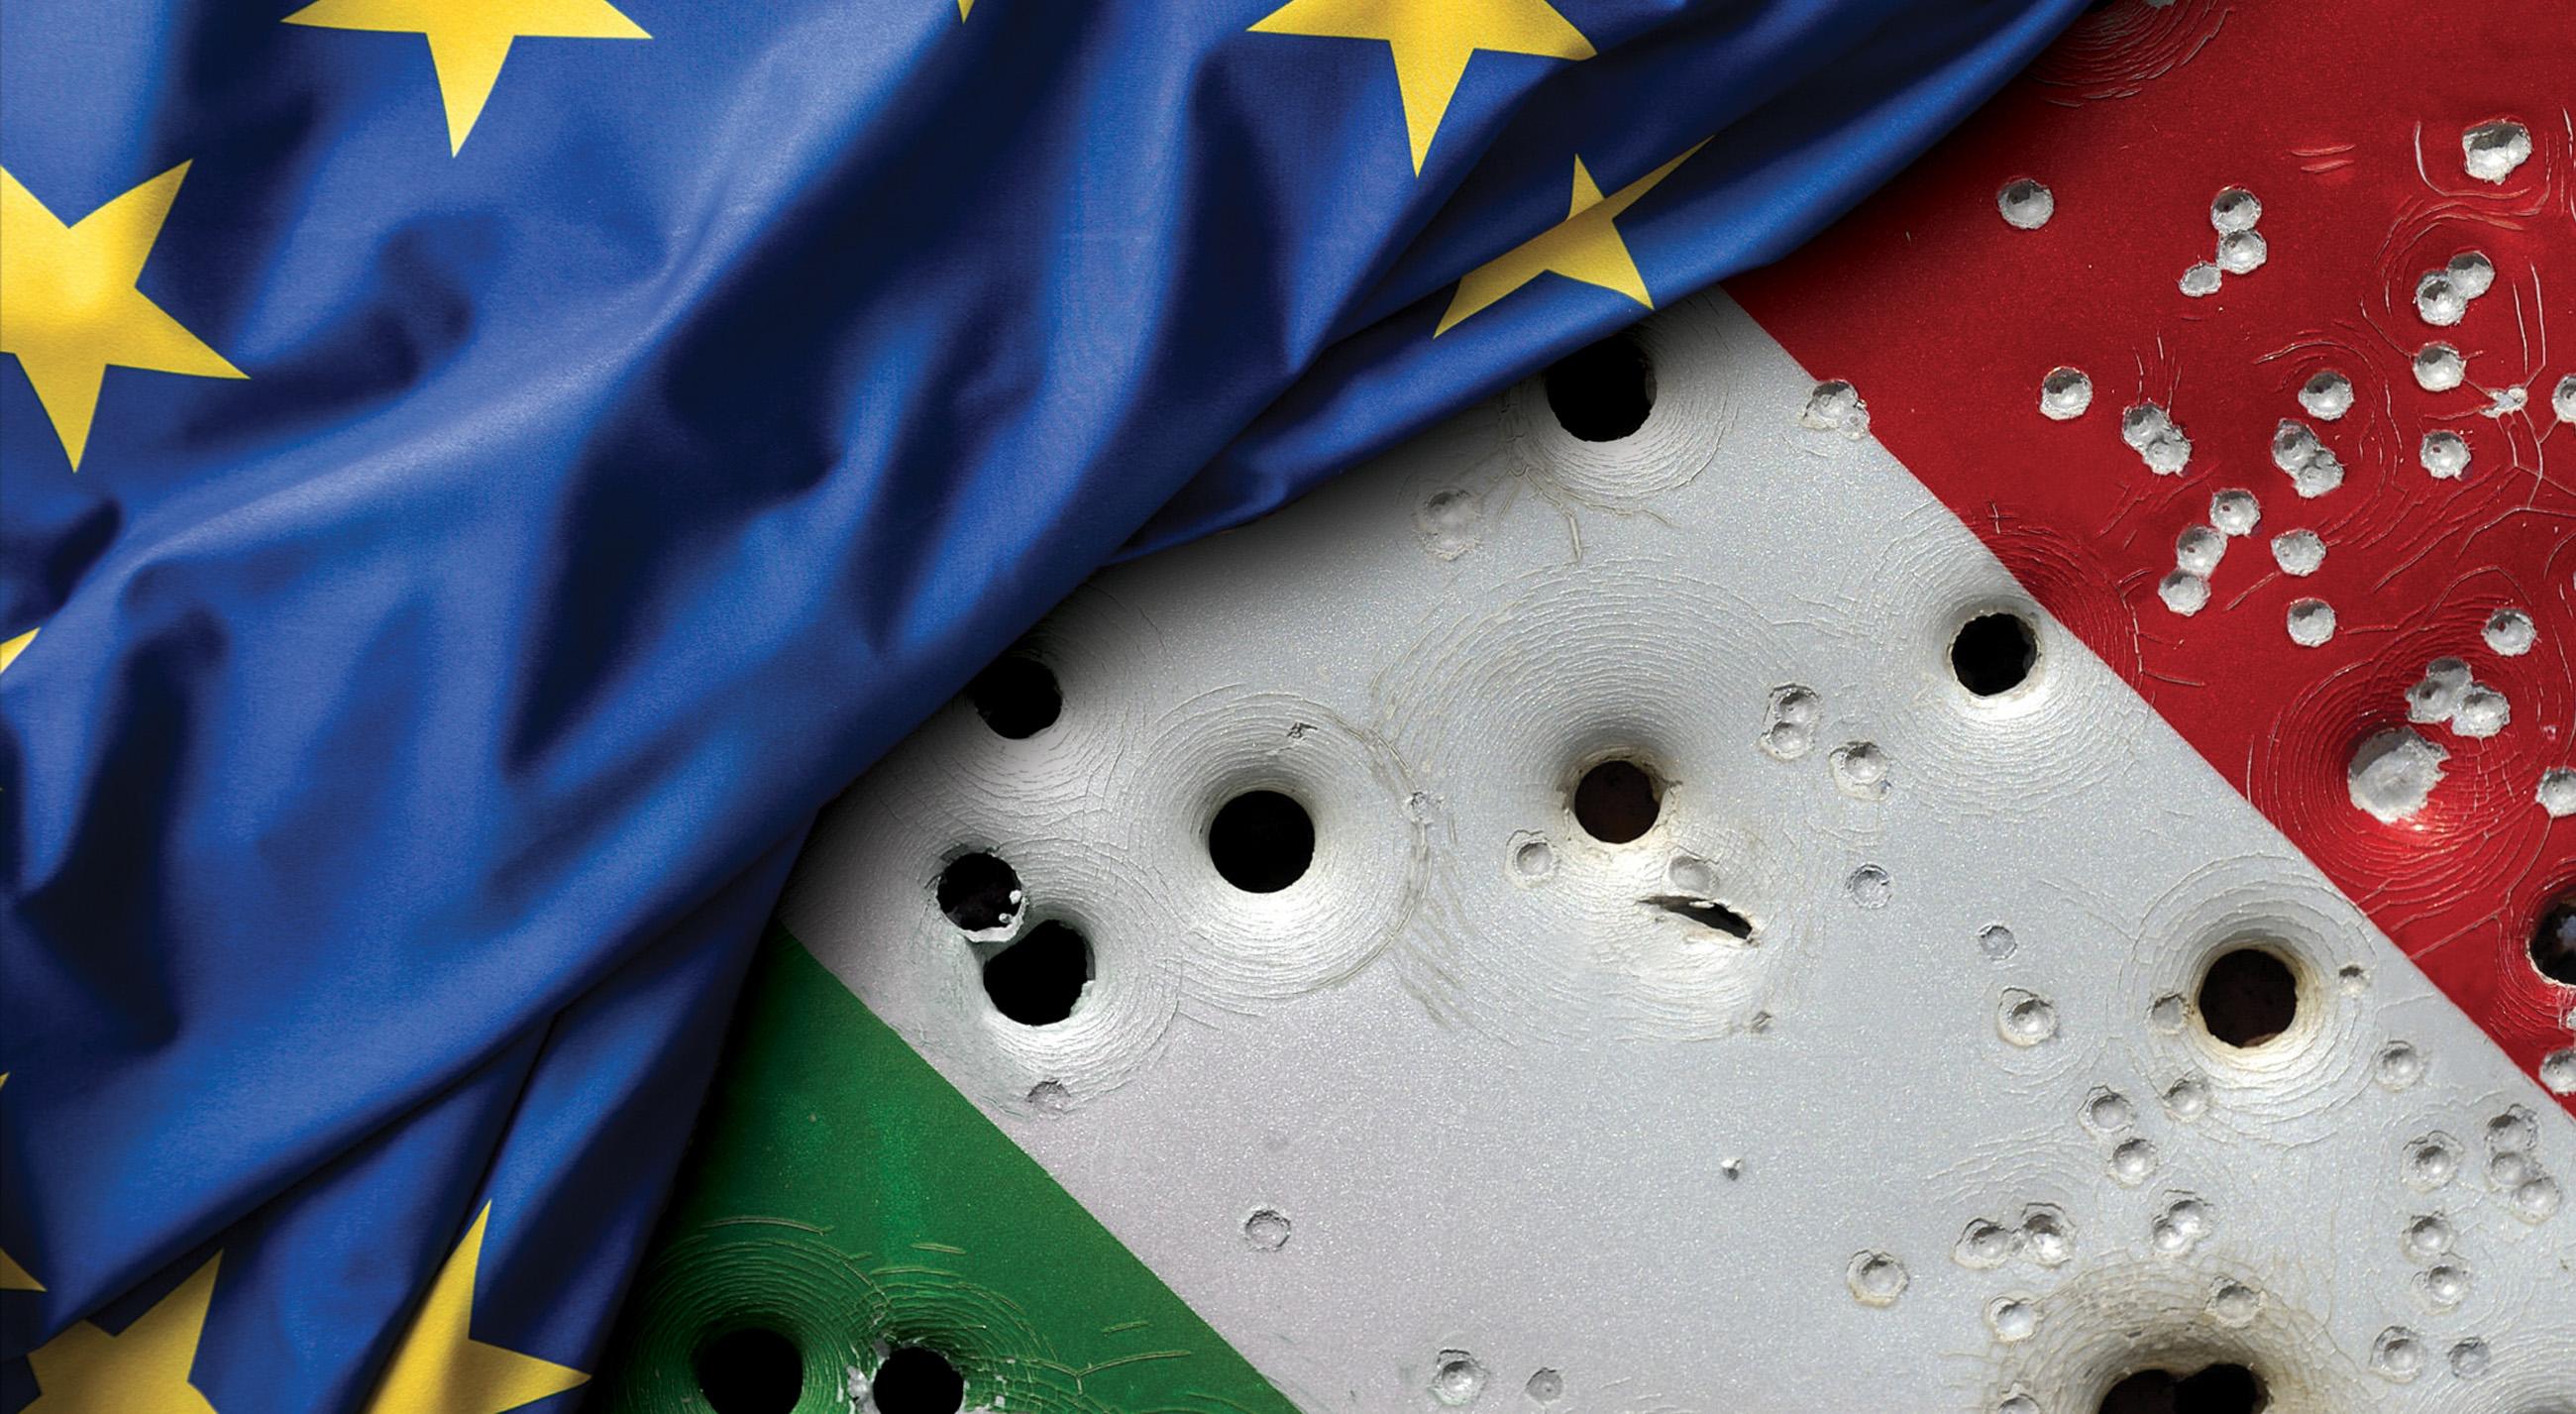 """""""Amministratori sotto tiro"""": Avviso Pubblico il 29 gennaio al Parlamento europeo per presentare il Rapporto sugli amministratori minacciati"""